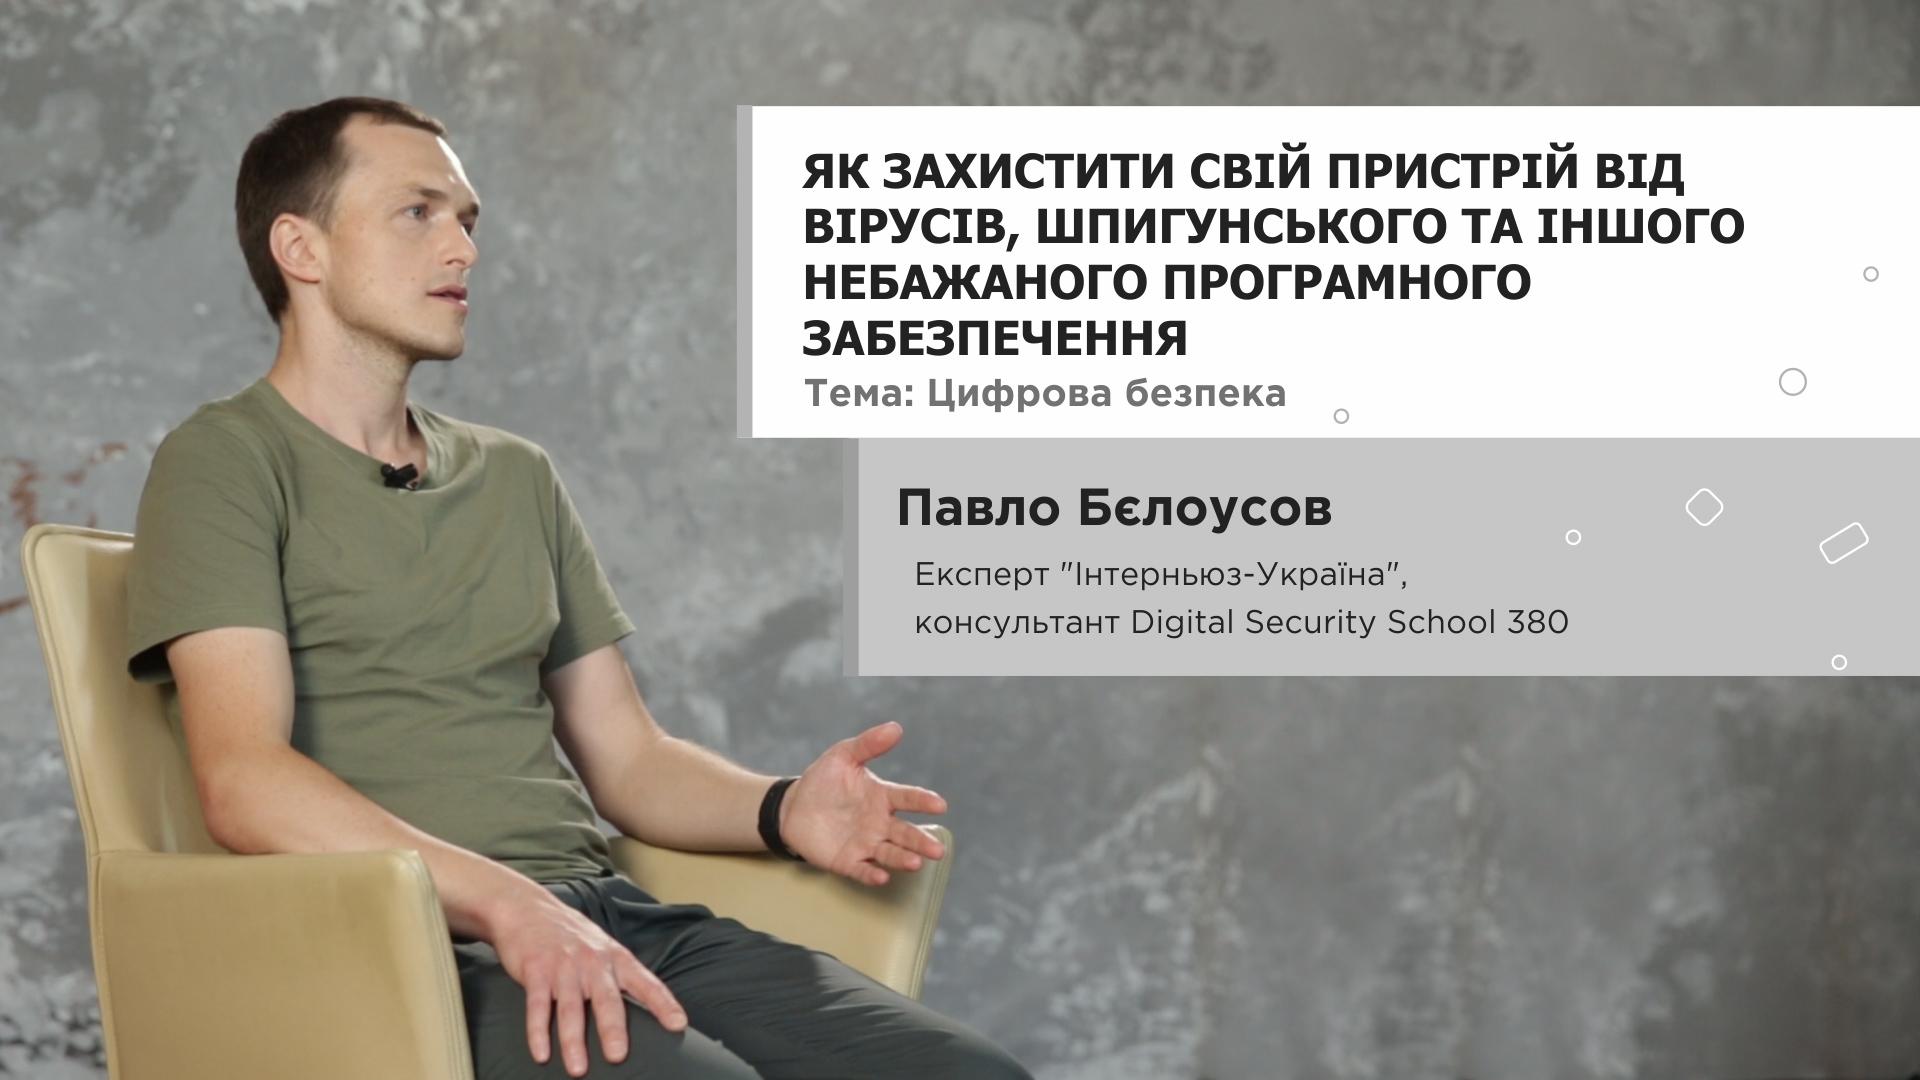 Цифрова безпека: Як захистити свій пристрій від вірусів, шпигунського та іншого небажаного програмного забезпечення?